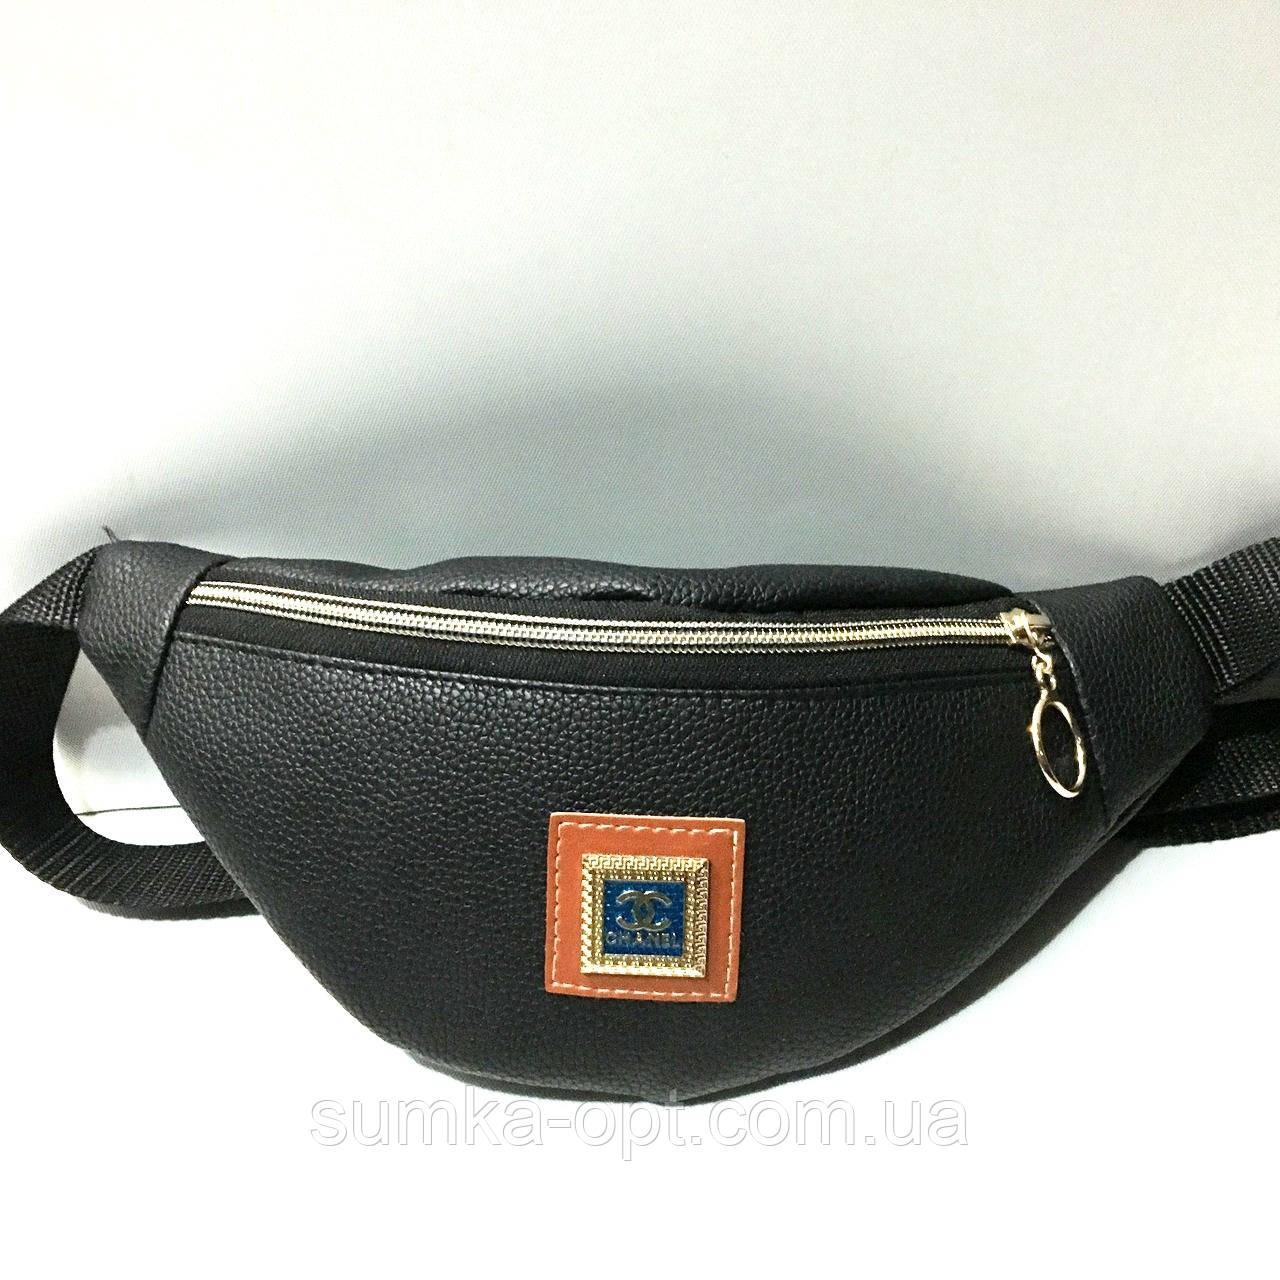 Женские сумки на пояс CHANEL  (черный)14*27см